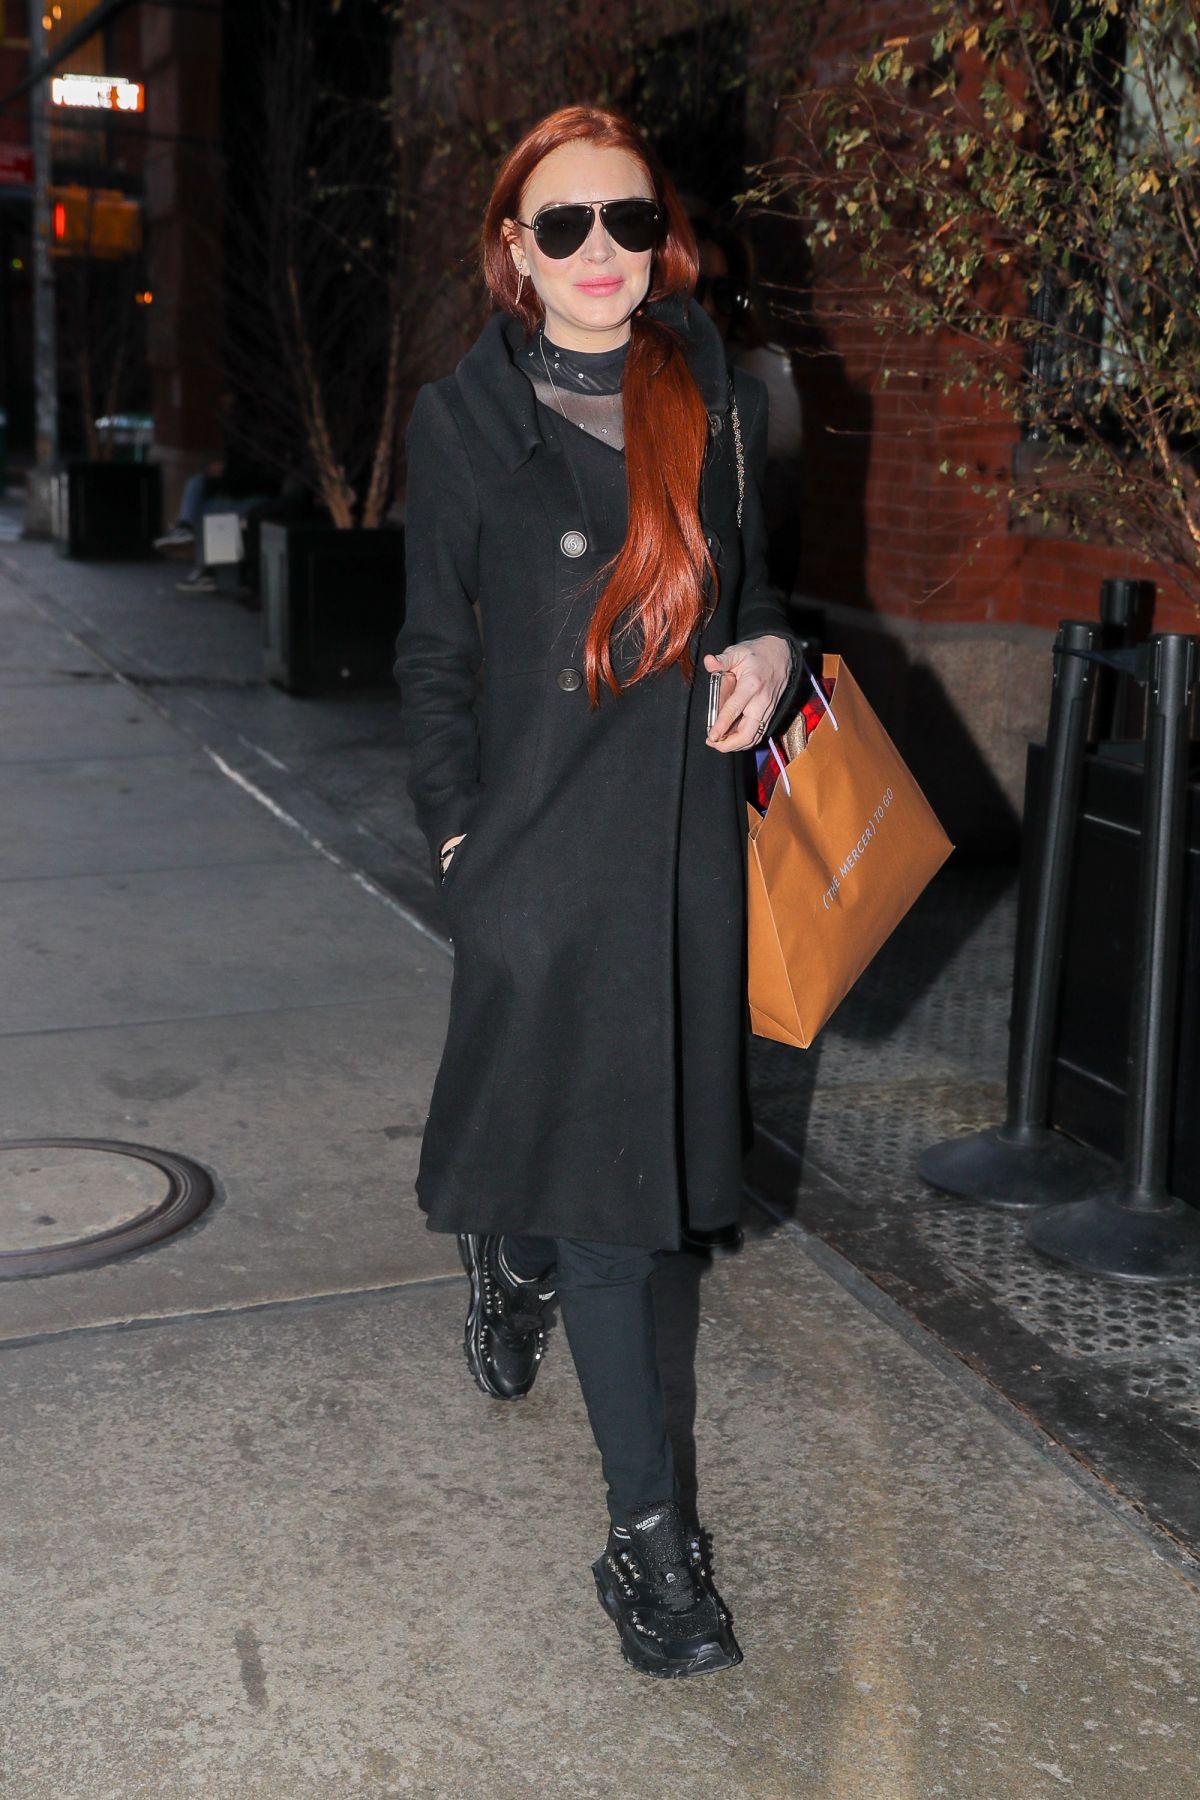 Lindsay Lohan uit de kleren op Instagram3/1/2019 - YouTube